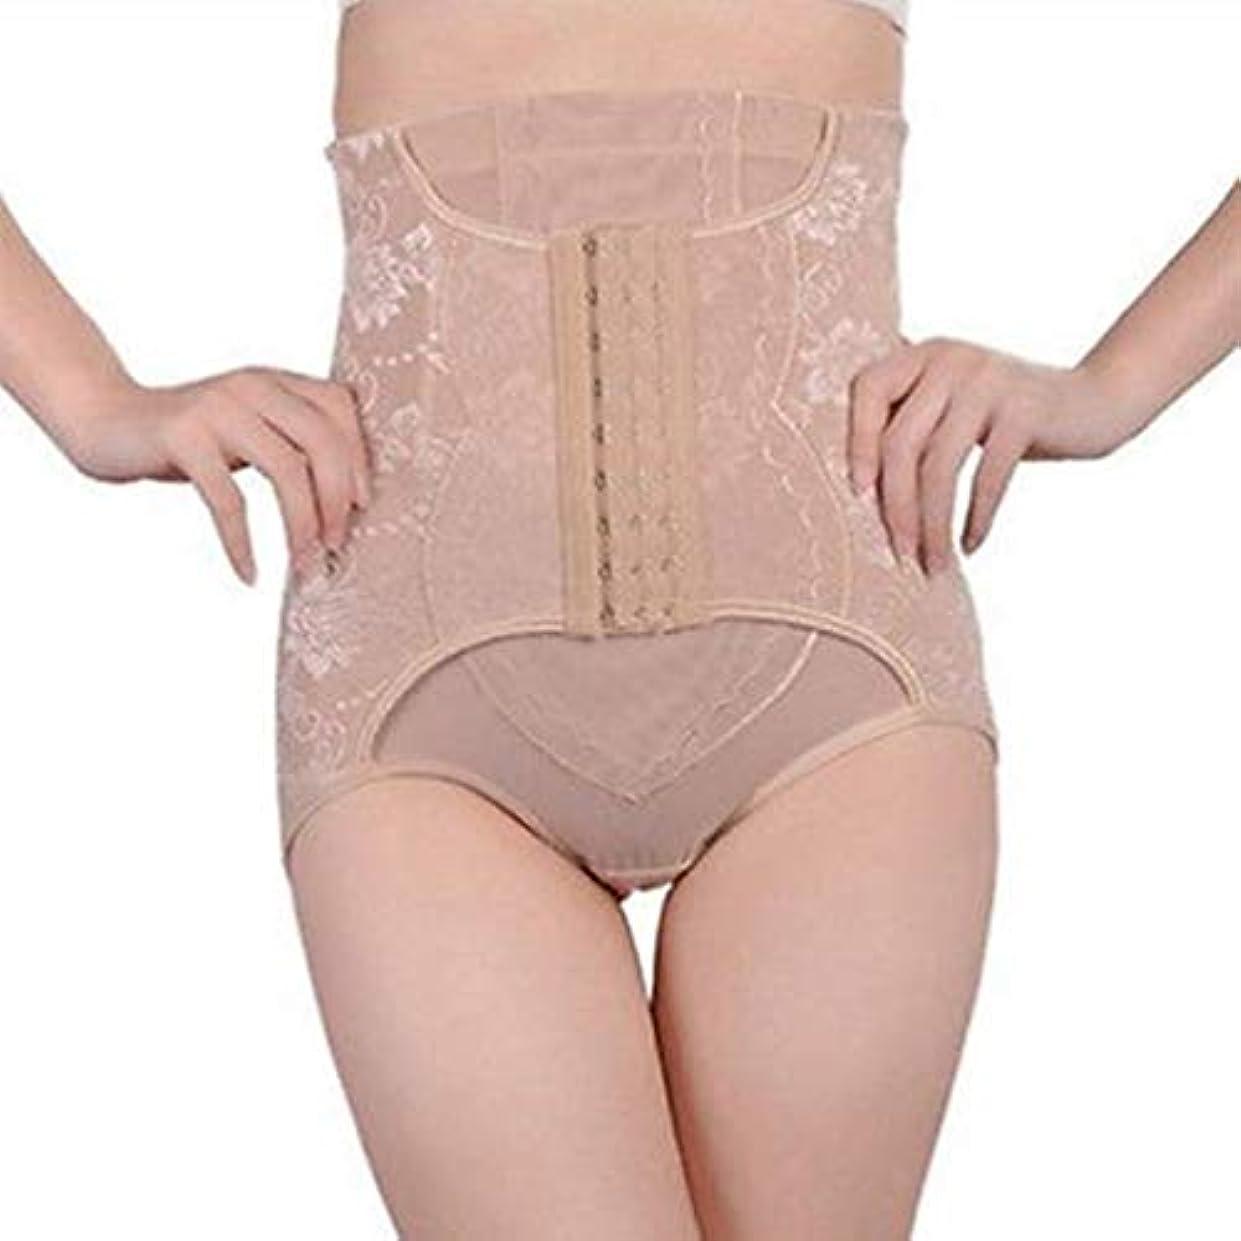 レジデンス送る綺麗な通気性の女性ハイウエスト下着ボディおなかコントロールシェイプウェアパンティスリム腹部ヒップバムリフター下着 - 肌XL